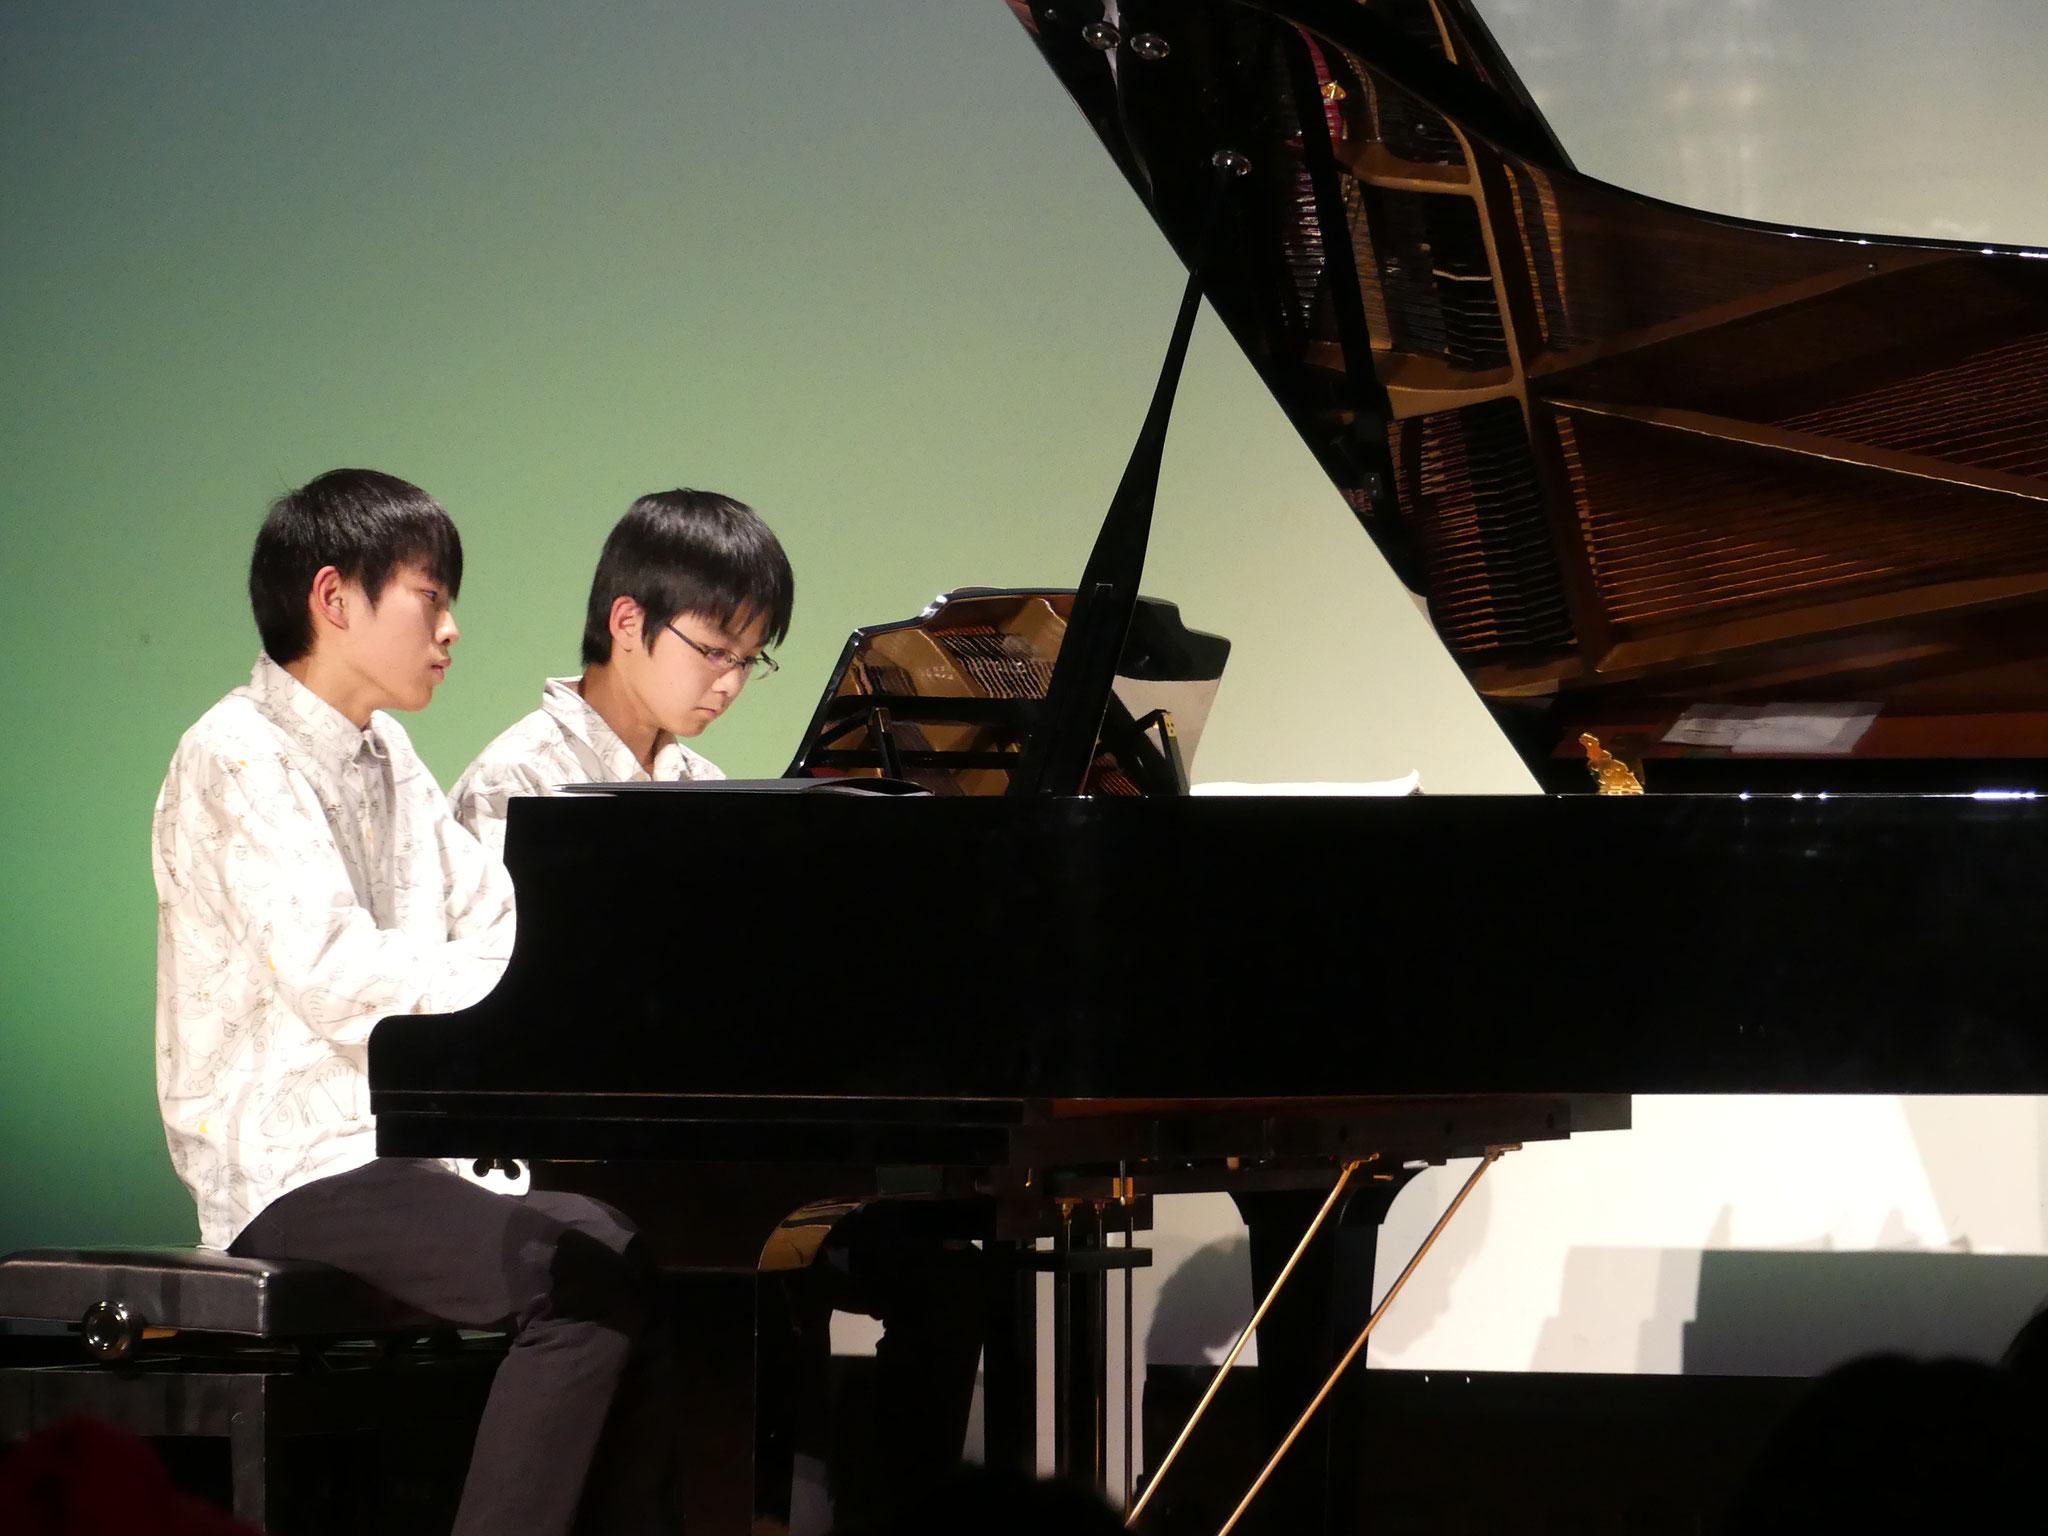 ピアノデュオ:堂本兄弟(在団生)